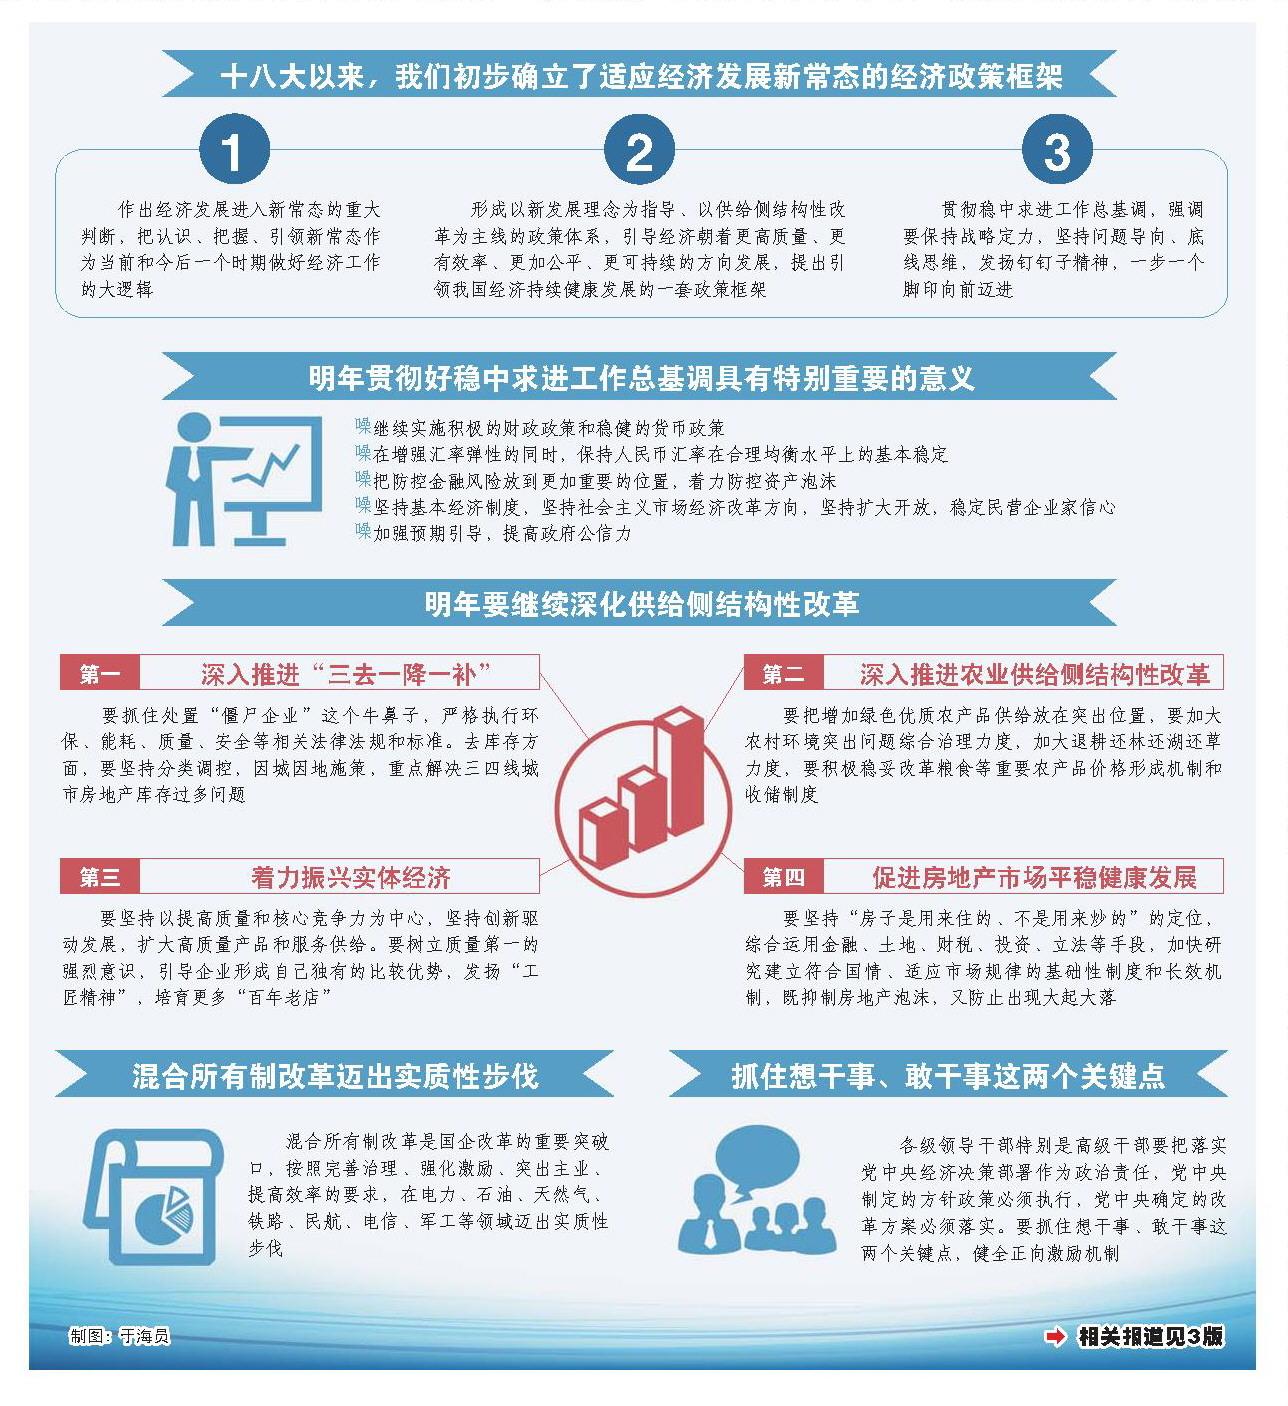 适应经济发展新常态经济政策框架初步确立 稳是主基调稳是大局,在稳的前提下要在关键领域有所进取   新华社北京12月16日电 中央经济工作会议12月14日至16日在北京举行。中共中央总书记、国家主席、中央军委主席习近平,中共中央政治局常委、国务院总理李克强,中共中央政治局常委、全国人大常委会委员长张德江,中共中央政治局常委、全国政协主席俞正声,中共中央政治局常委、中央书记处书记刘云山,中共中央政治局常委、中央纪委书记王岐山,中共中央政治局常委、国务院副总理张高丽出席会议。   习近平在会上发表重要讲话,分